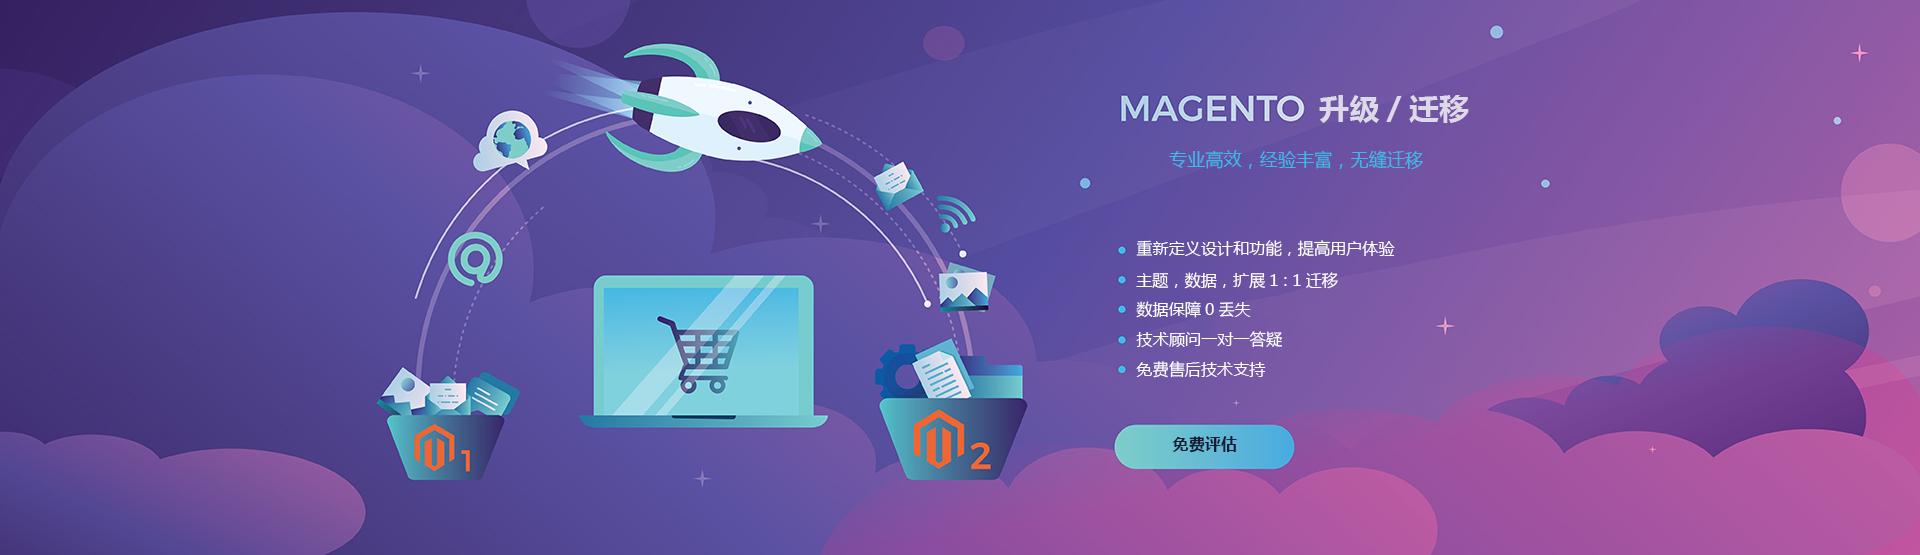 magento2升级/迁移服务